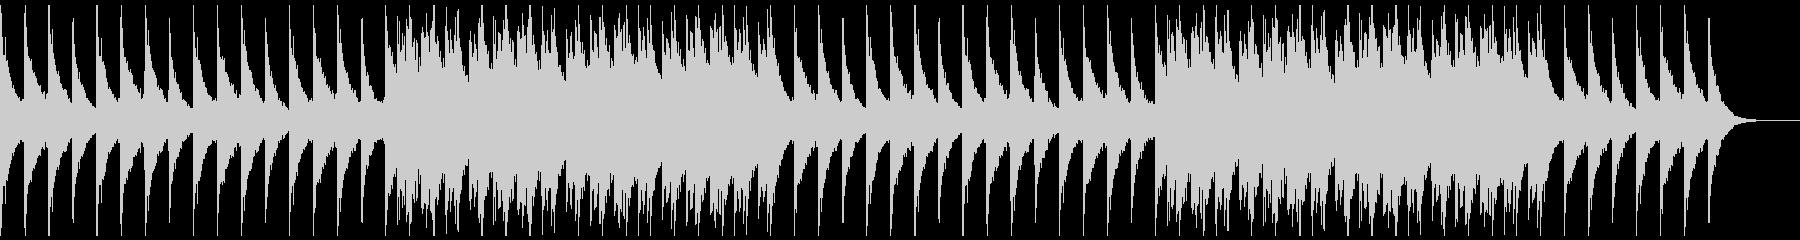 ピアノ・ストリングス・企業VP 2の未再生の波形